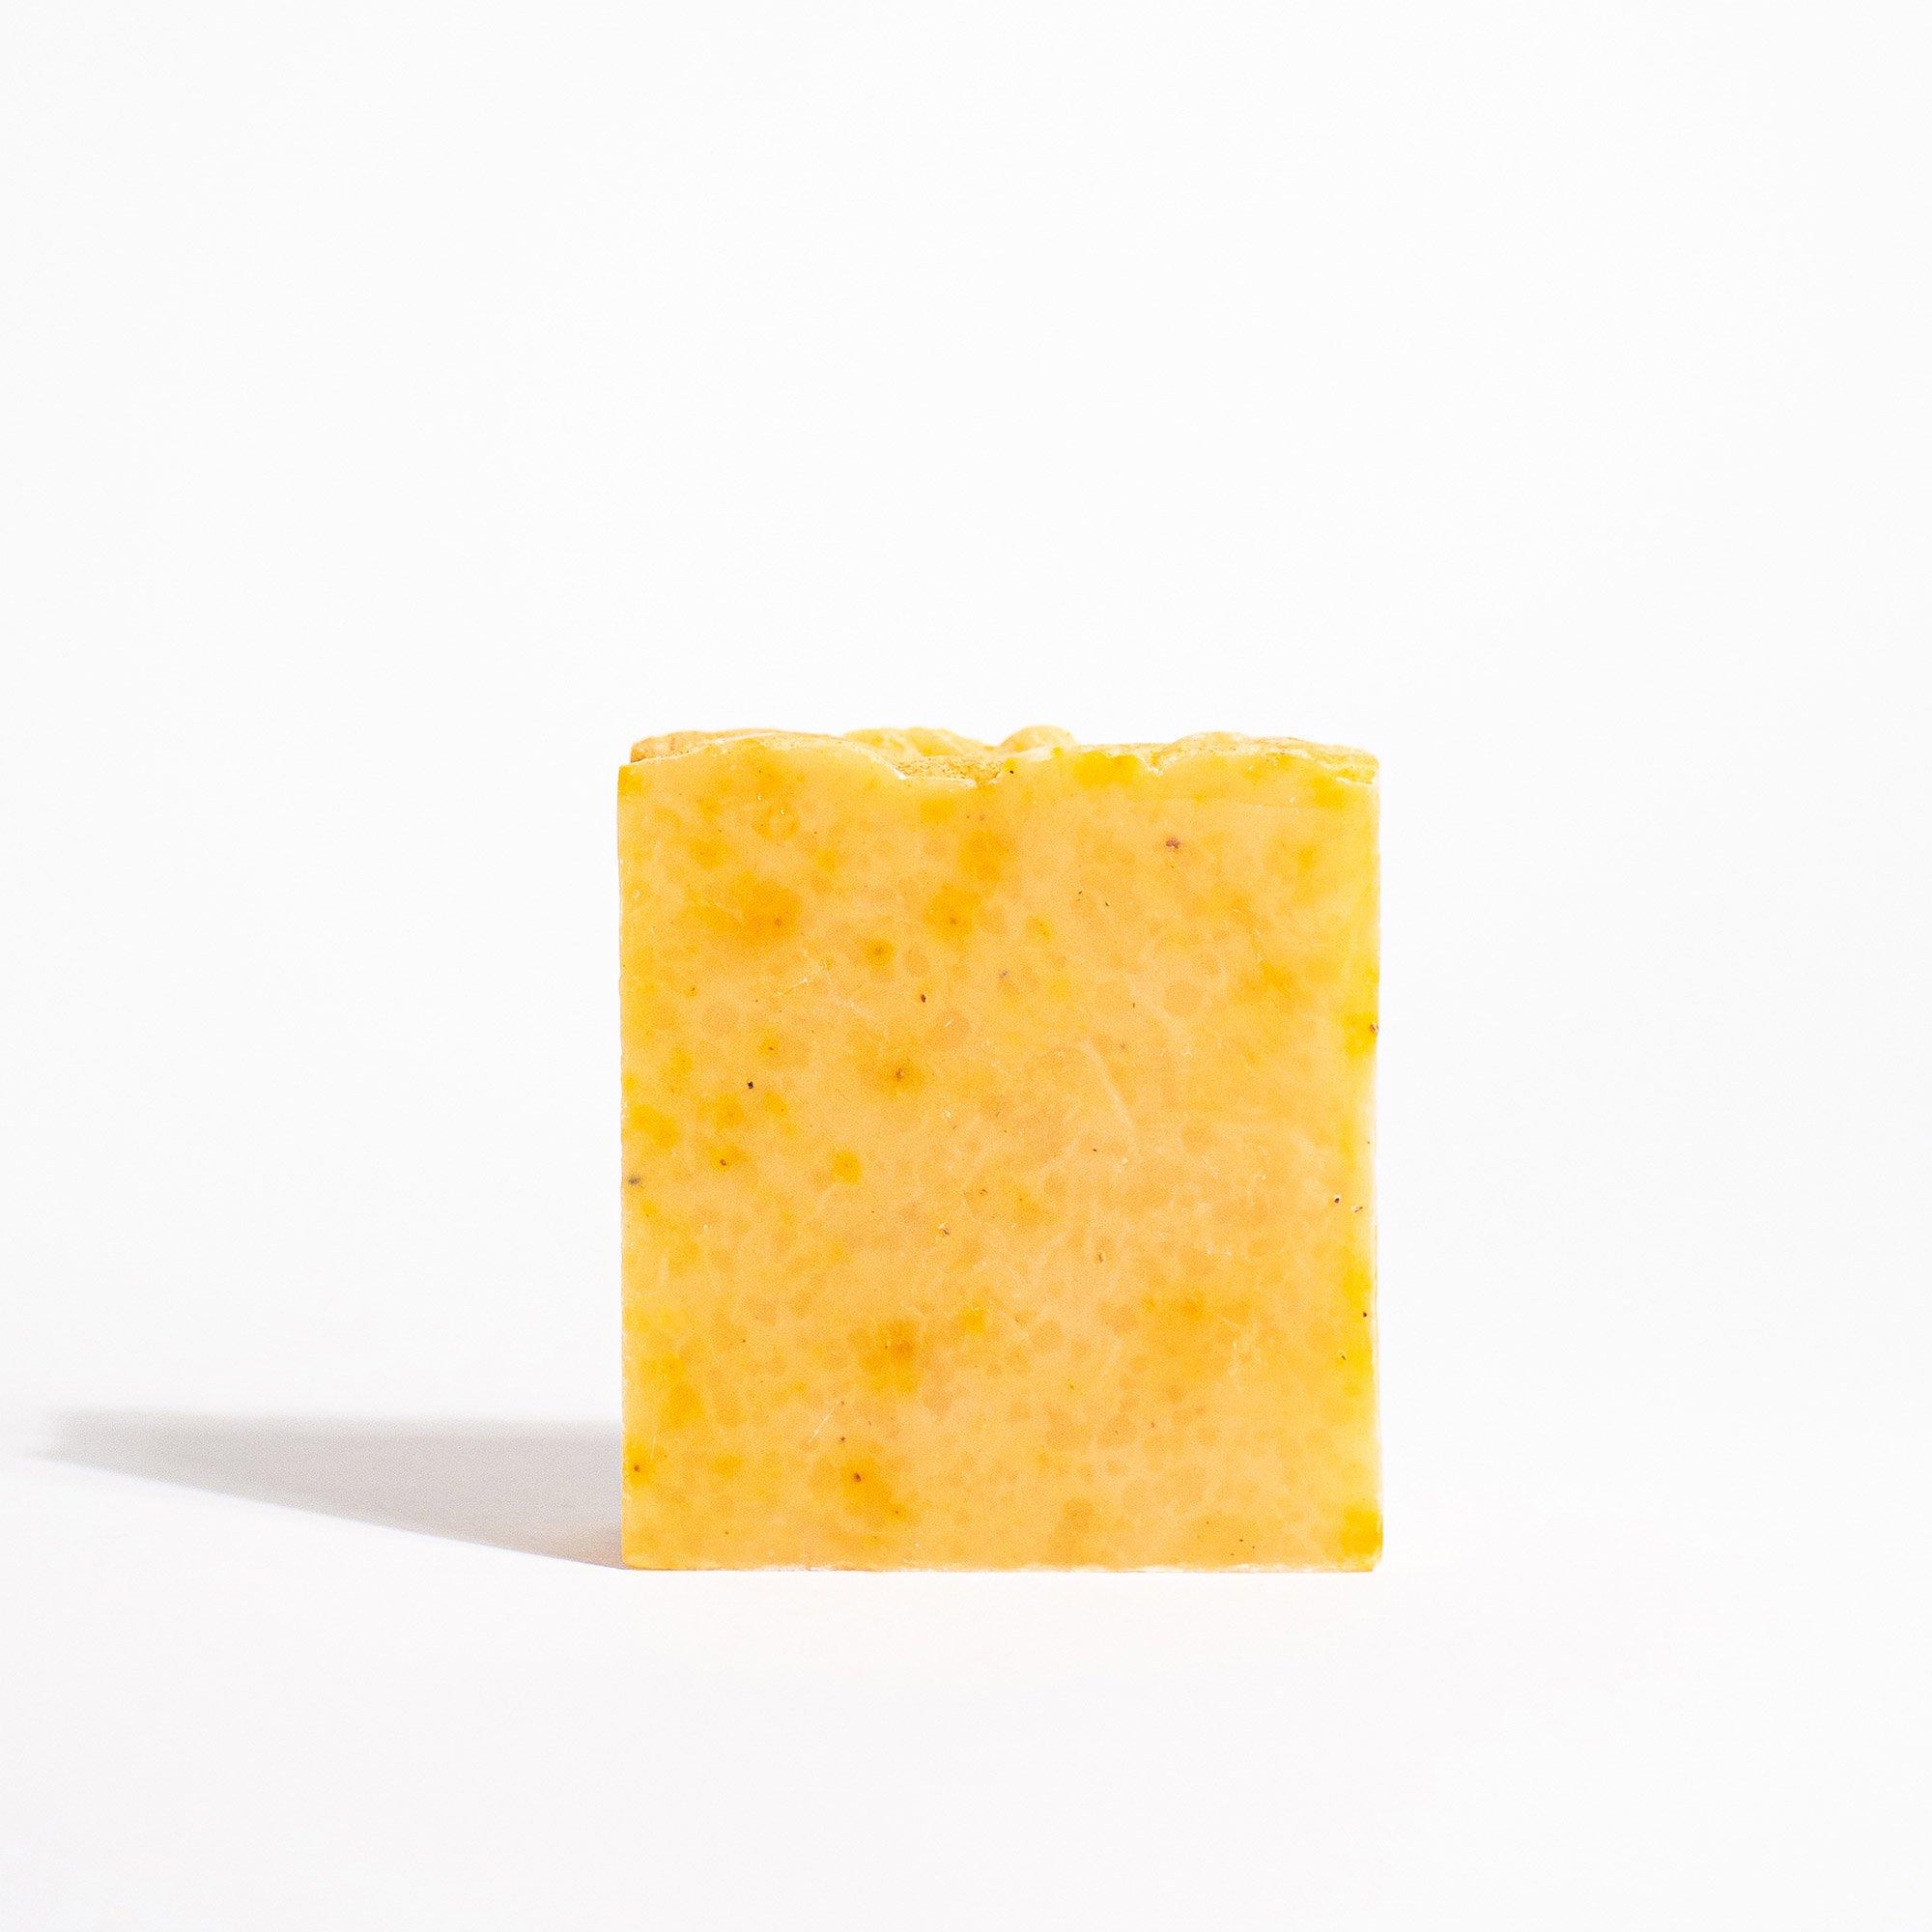 Grace and Green - YOKU soap - Citrus & Rosemary 2